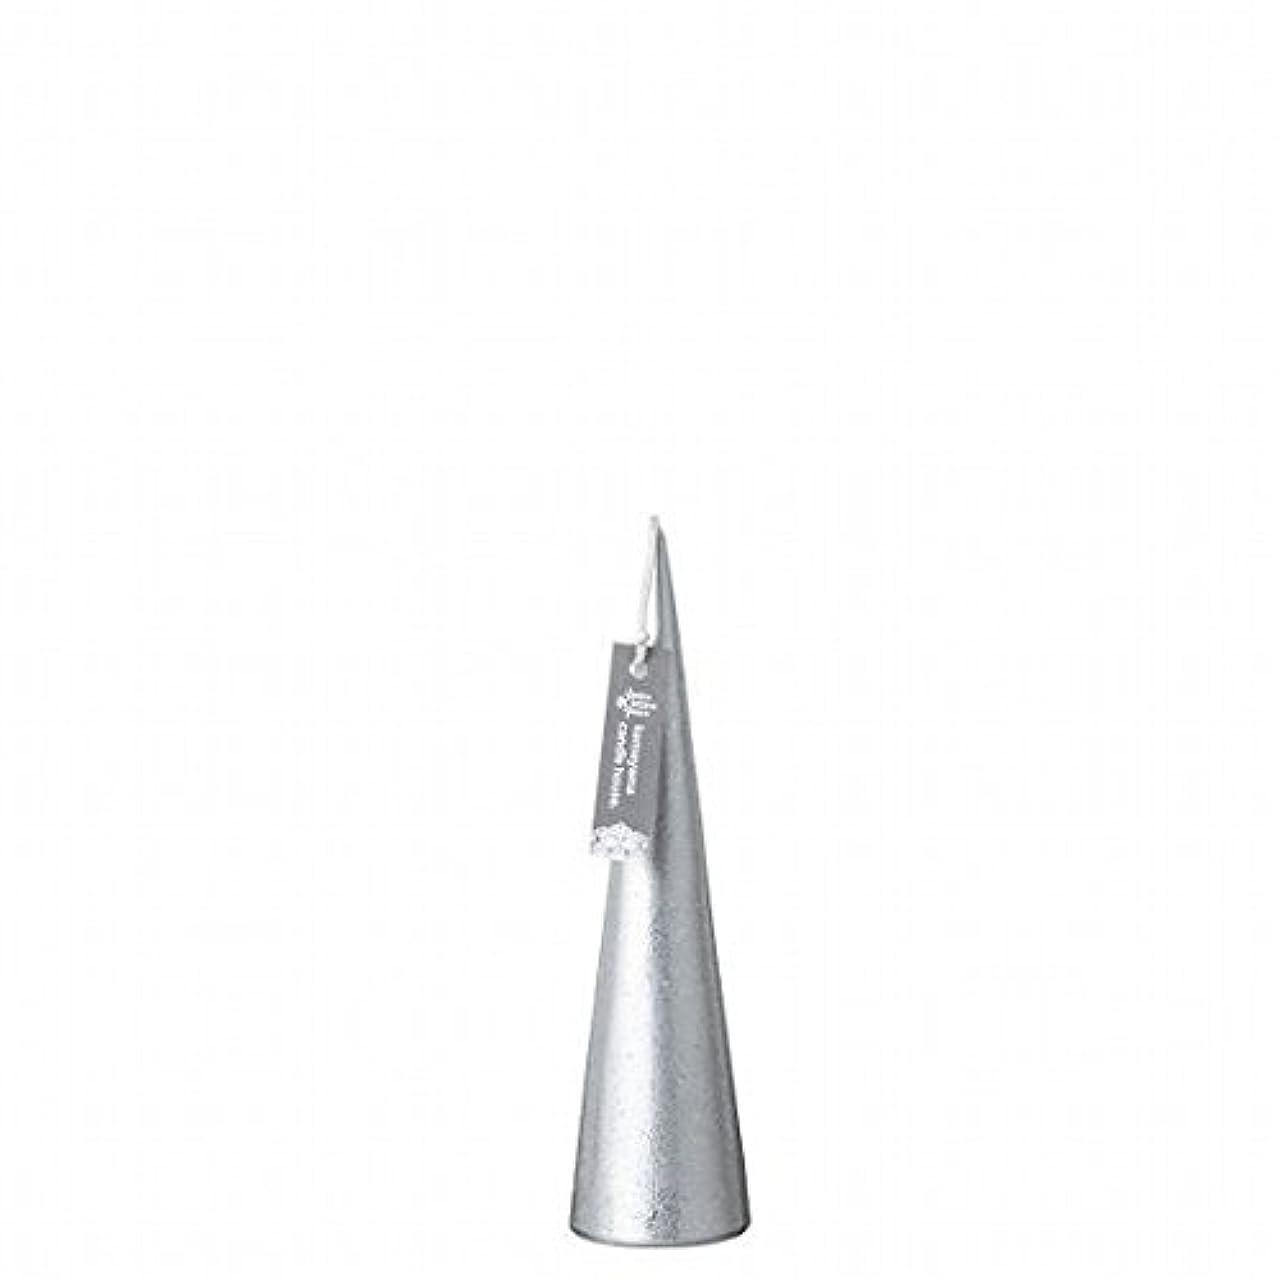 変装高音ペダルkameyama candle(カメヤマキャンドル) メタリックコーンS 「 シルバー 」(A9560100SI)